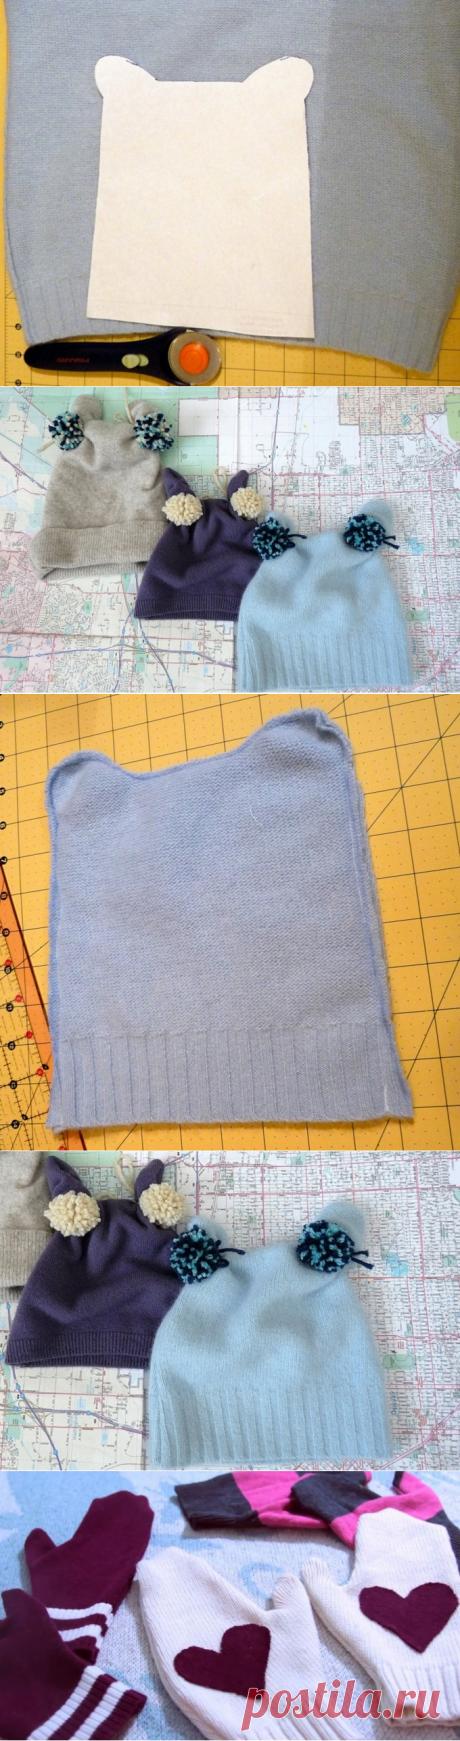 Детские шапочки из старого свитера - просто и быстро! » Женский Мир